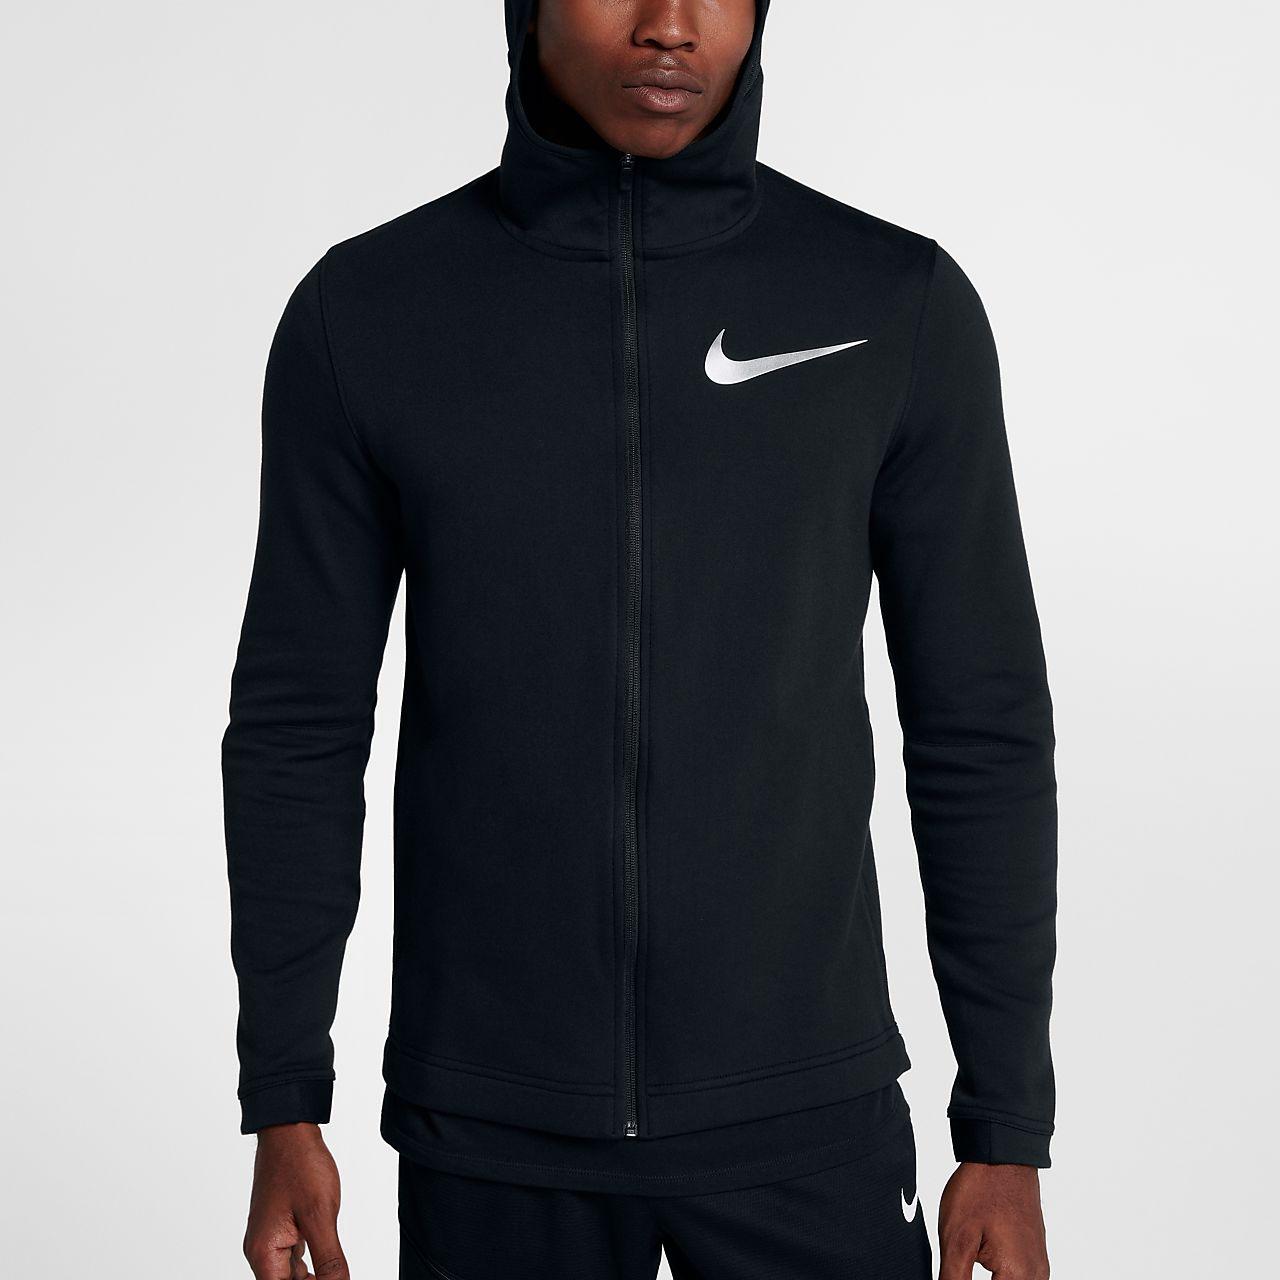 ... Nike Dry Hyper Elite Showtime Men's Full-Zip Basketball Hoodie